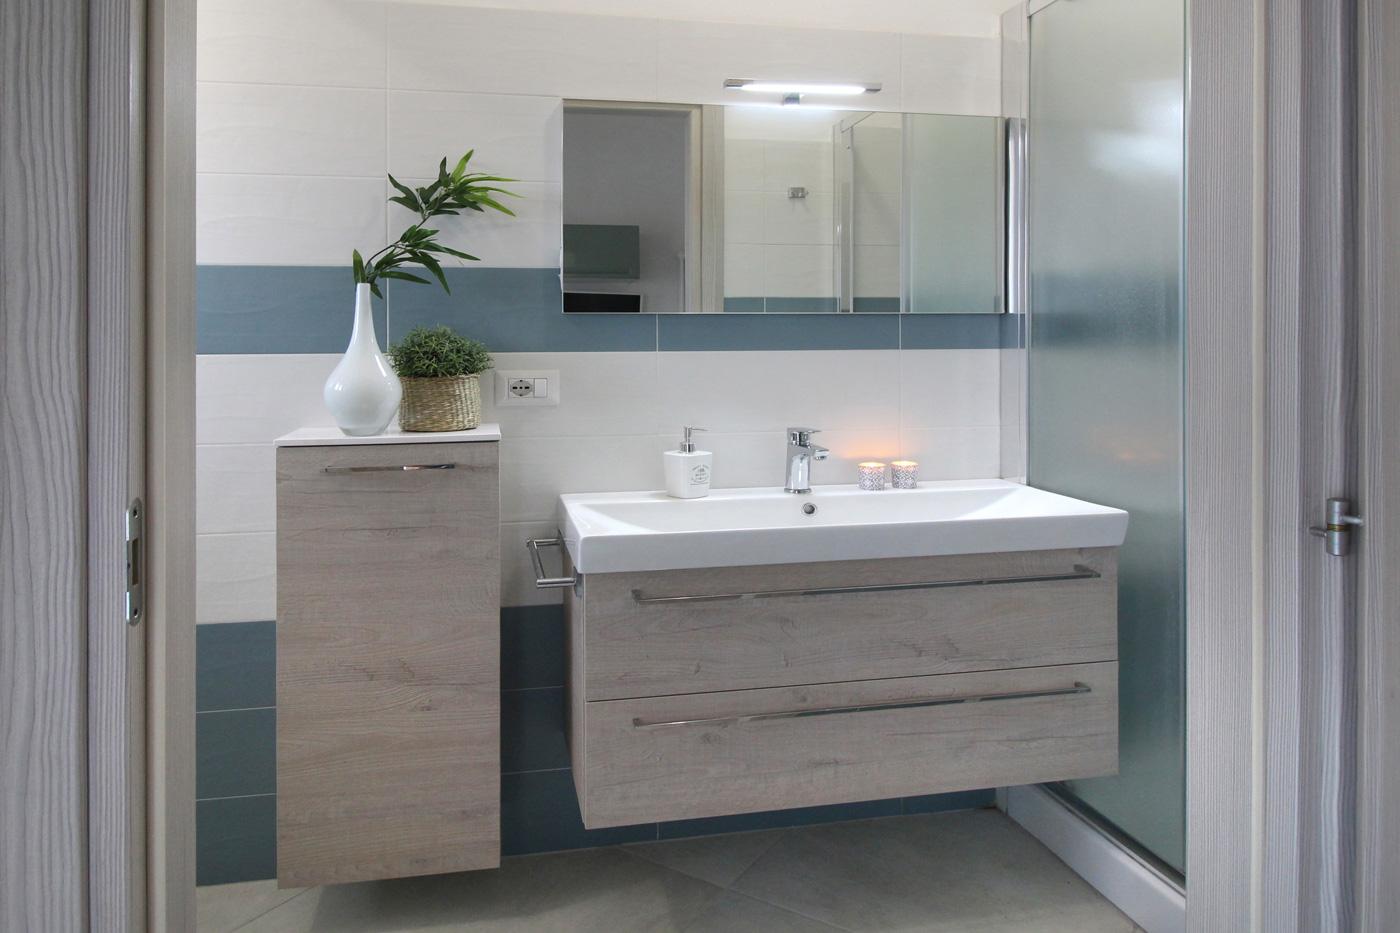 Appartamento Sofia_Romagna case vacanze_Gatteo mare_San mauro_9631_2